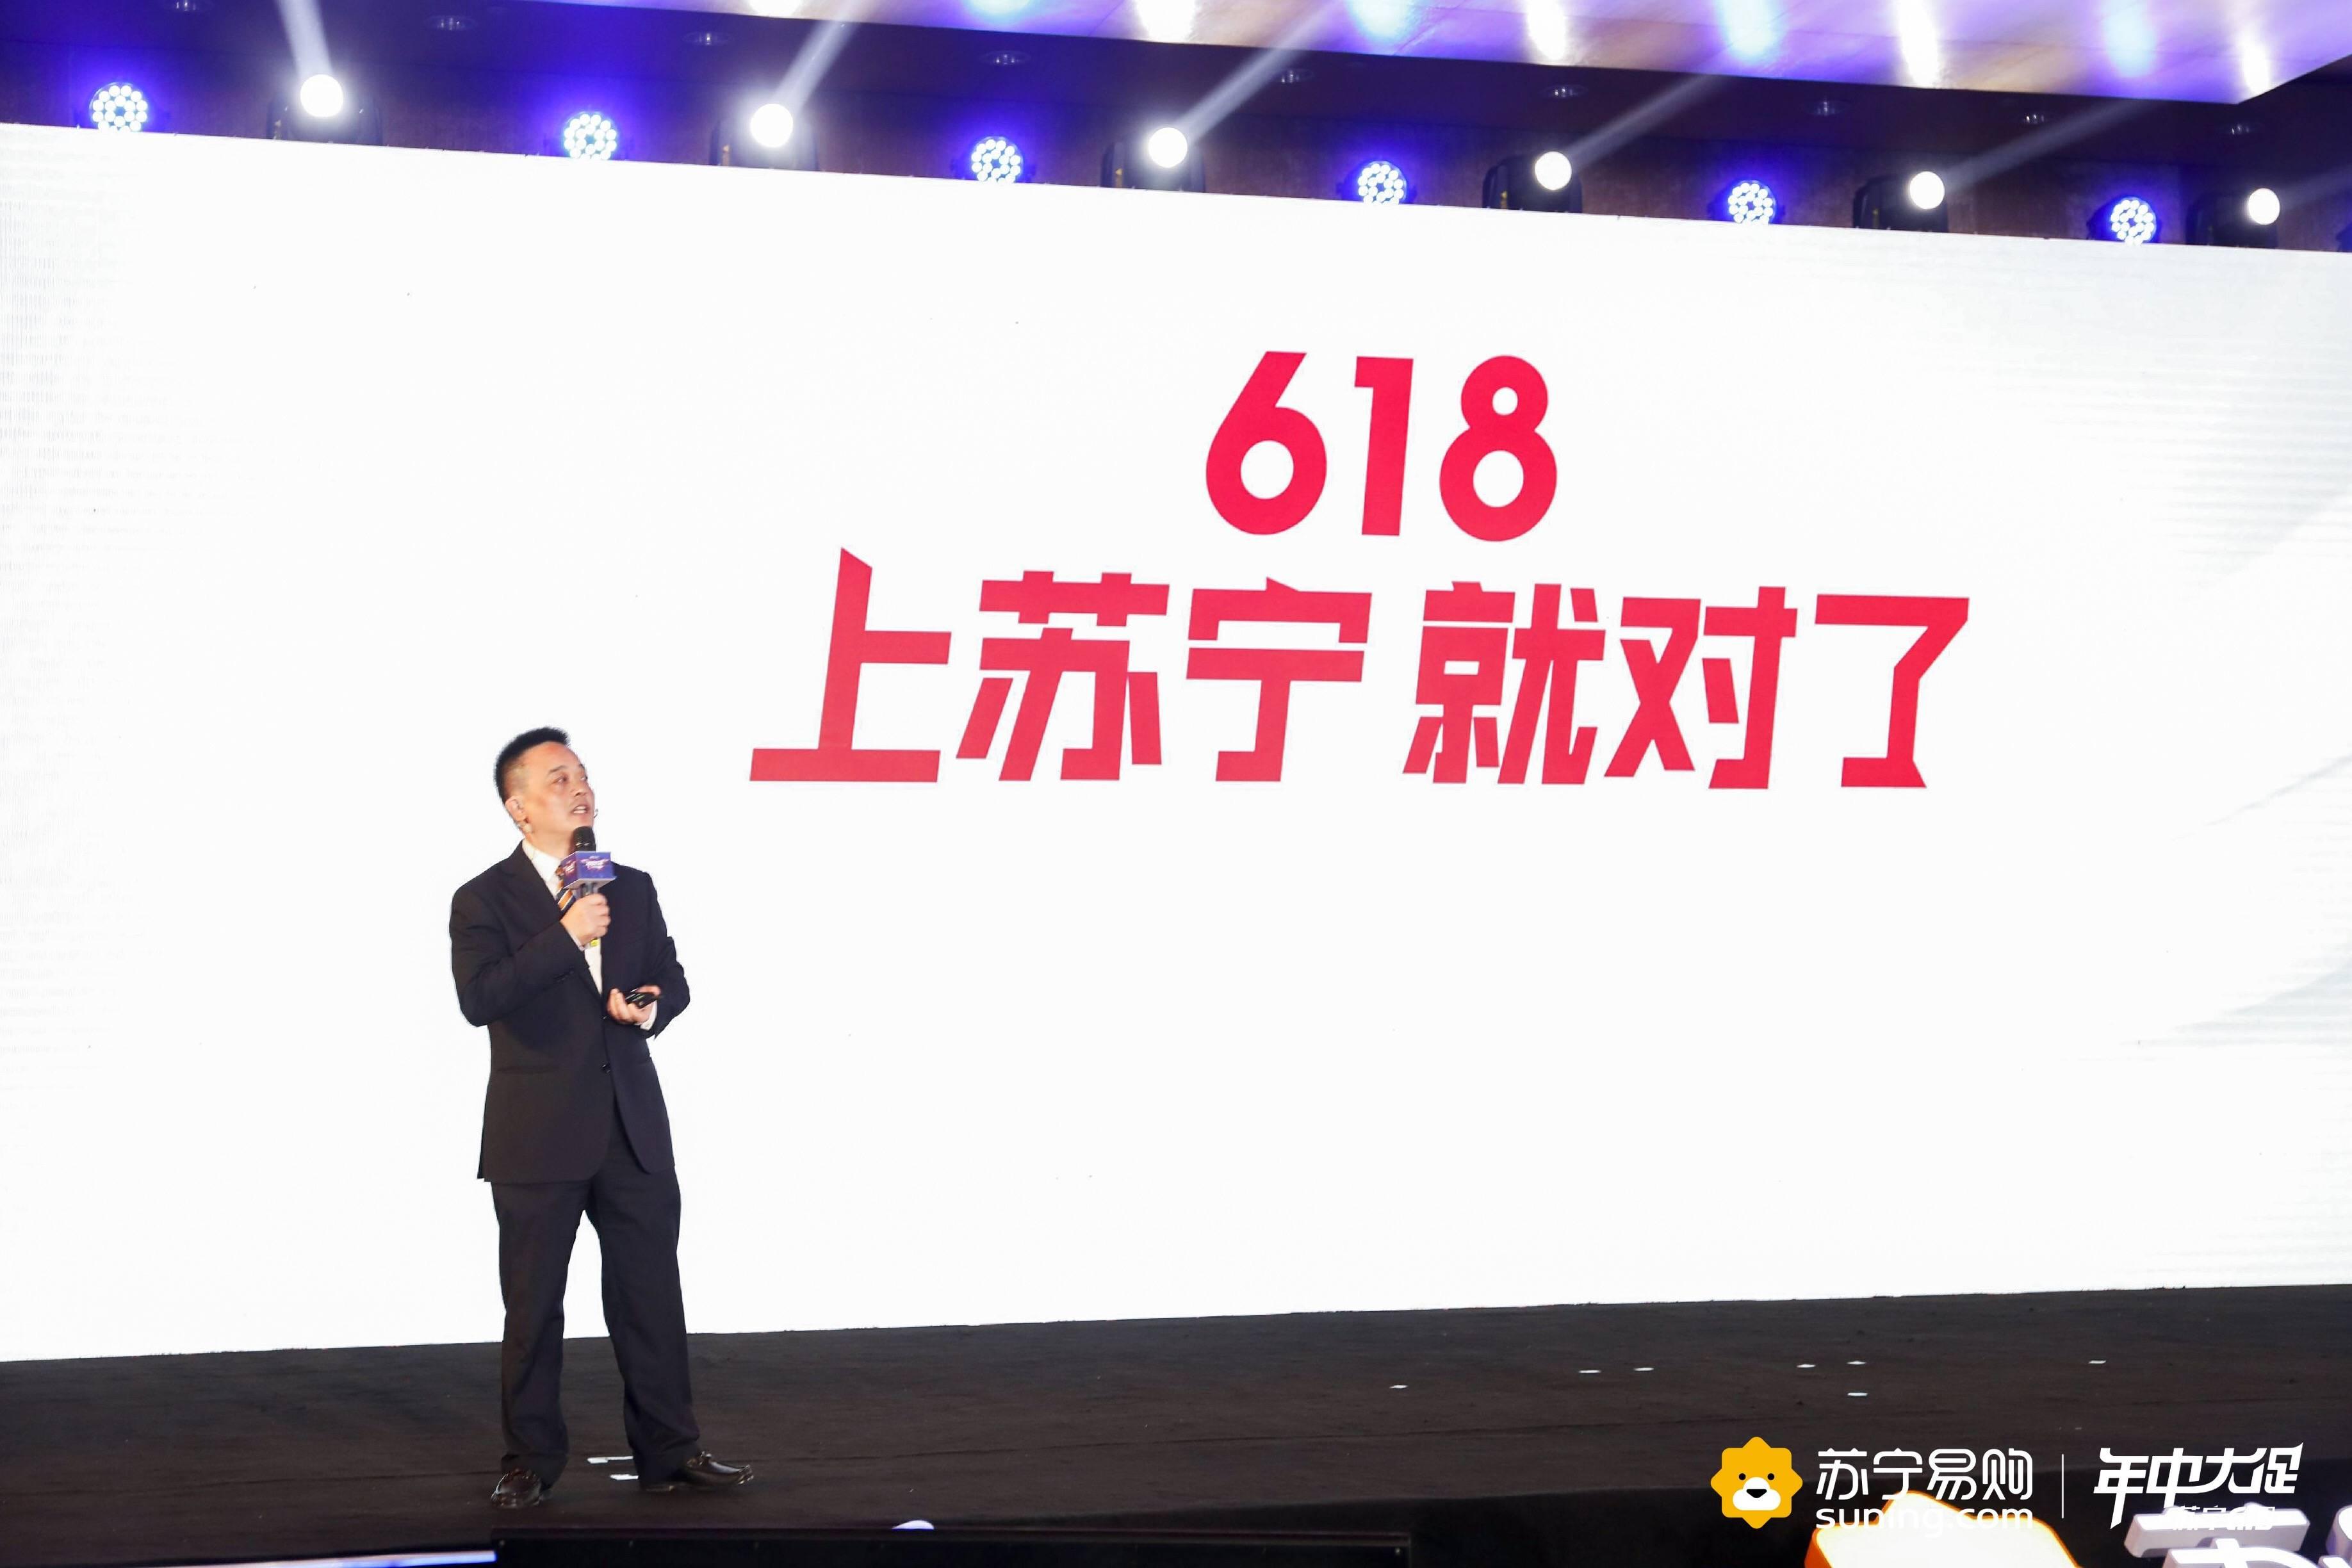 空调、啤酒、小龙虾打包销售 苏宁618跨界营销抢占C位